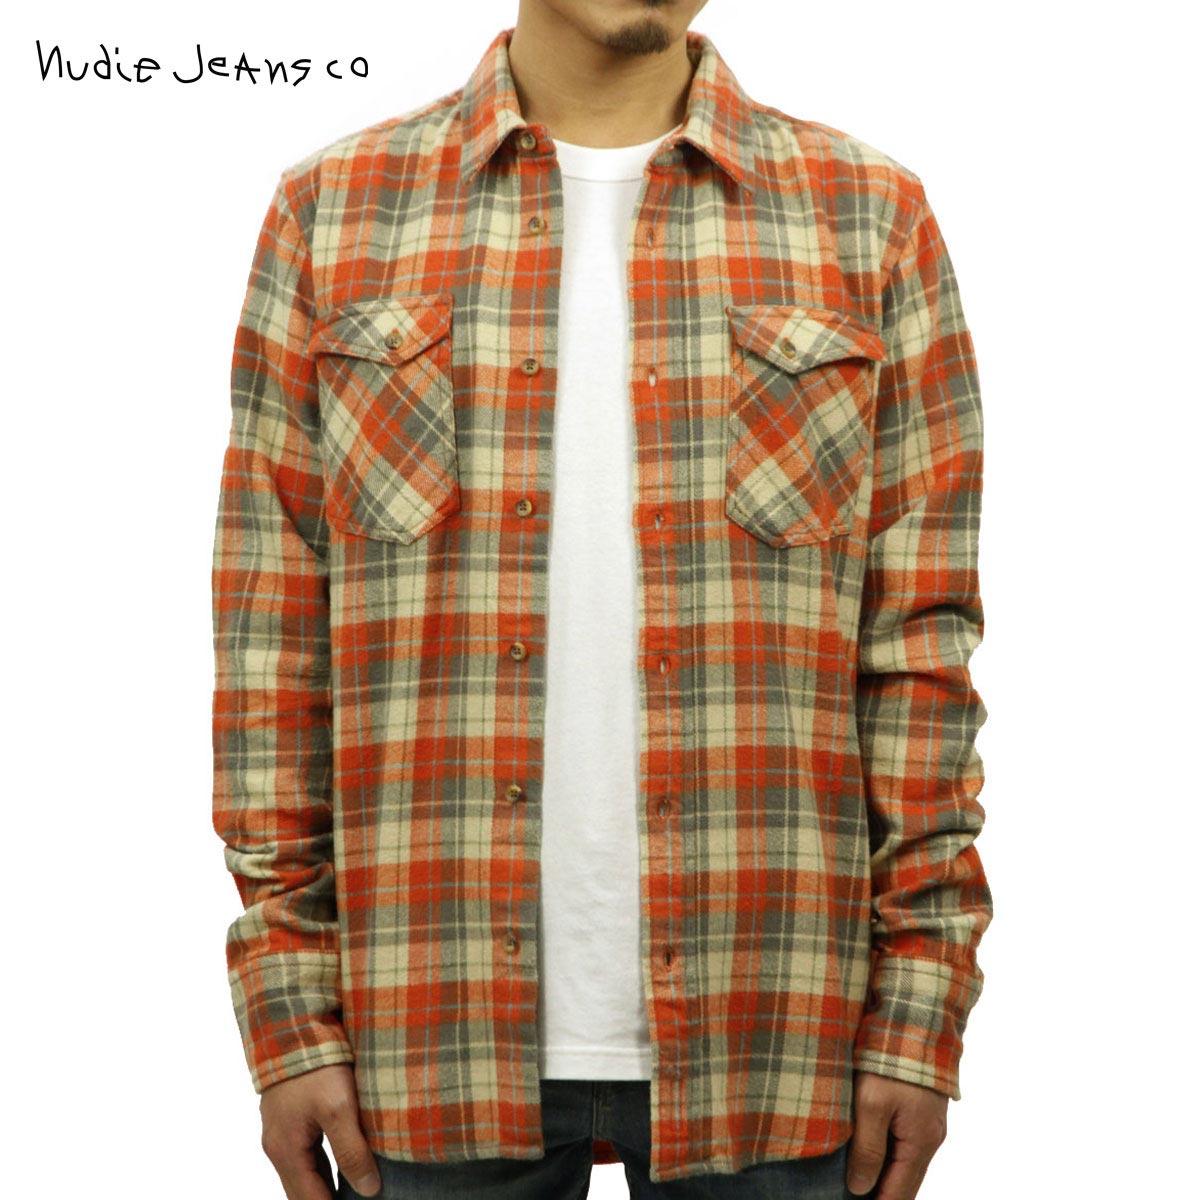 【販売期間 11/3 20:00~11/12 09:59】 ヌーディージーンズ Nudie Jeans 正規販売店 メンズ 長袖シャツ Gunnar Orange 140345 D15S25